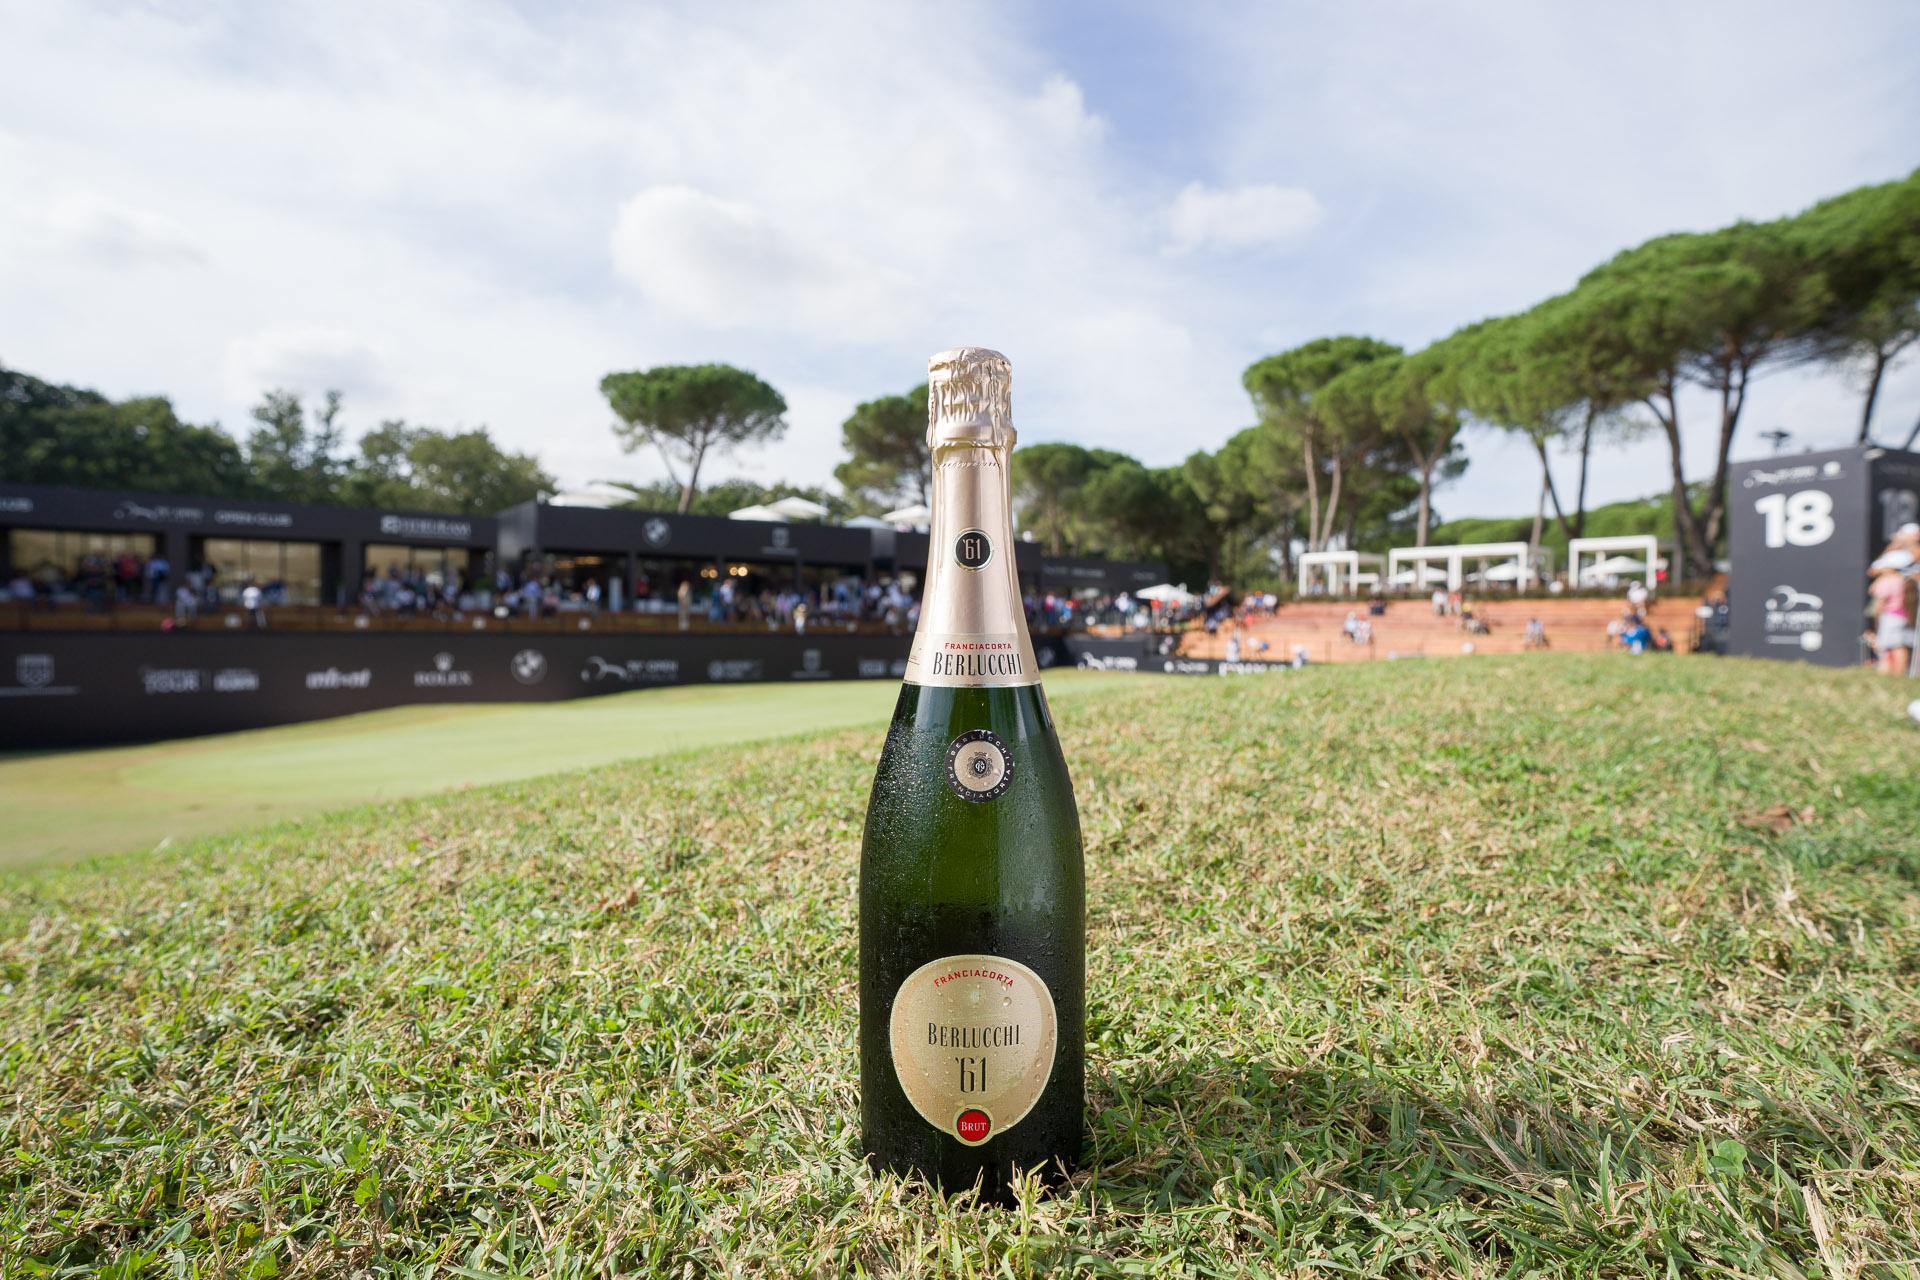 _nf - Fotografo Ufficiale Berlucchi - Open d'Italia golf